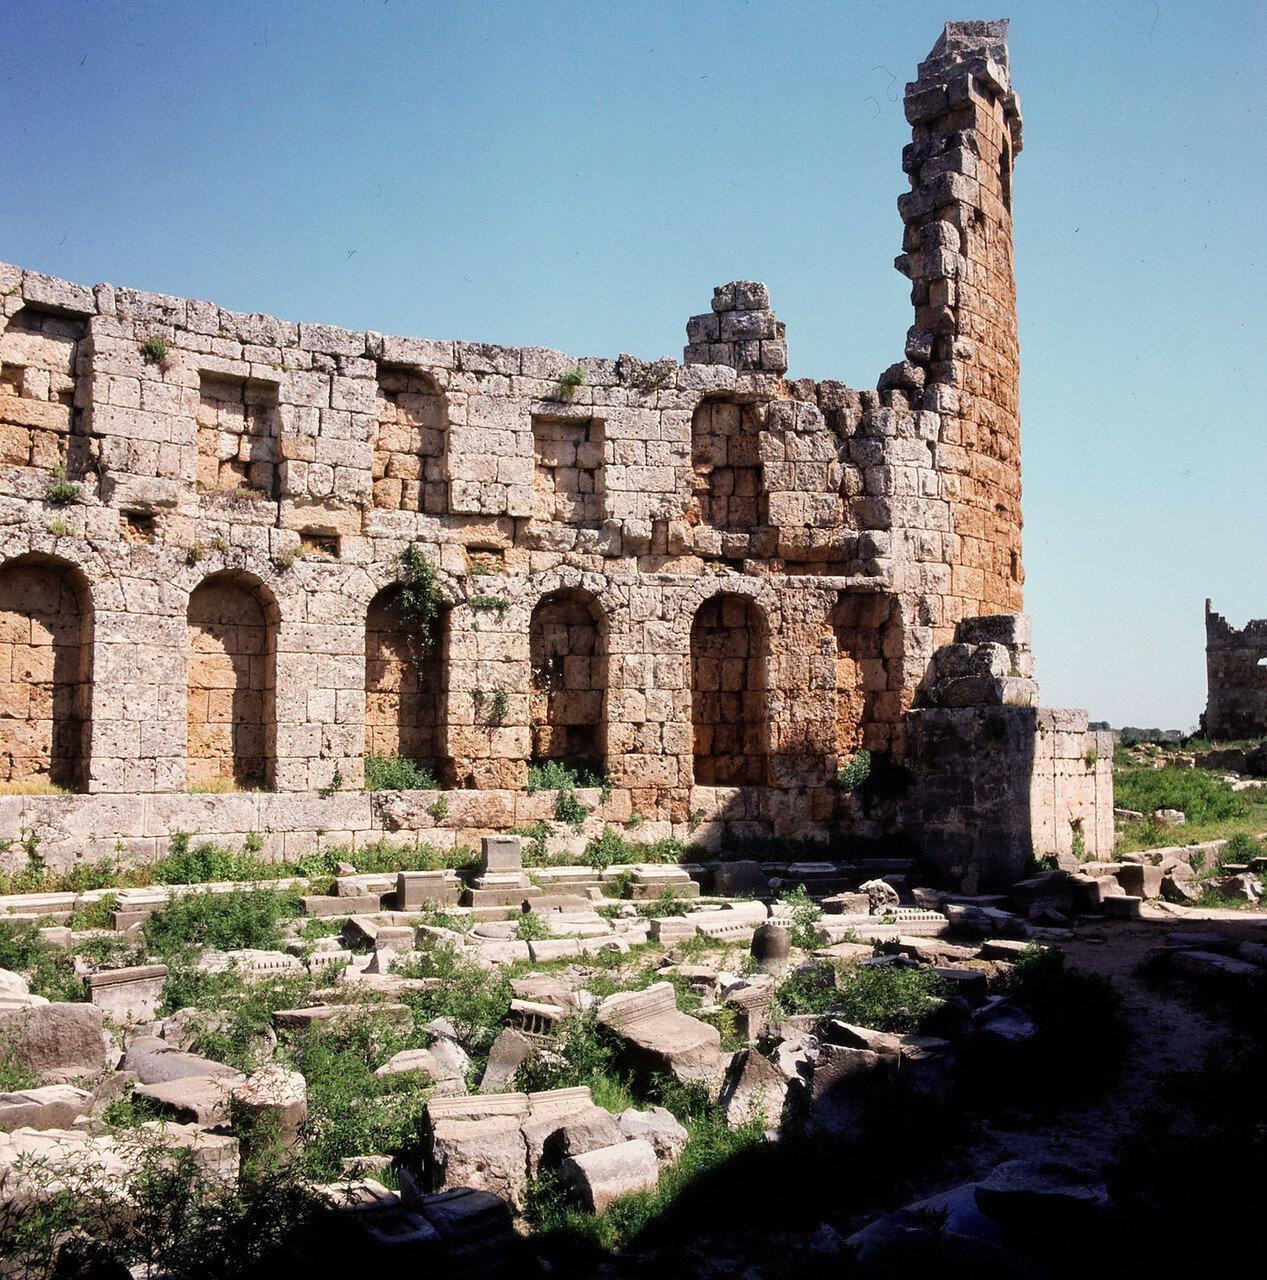 Перга.  U-образный двор с нишами в стенах. Раскопки показали, что здесь когда-то стояли статуи богов, императоров и основателей города